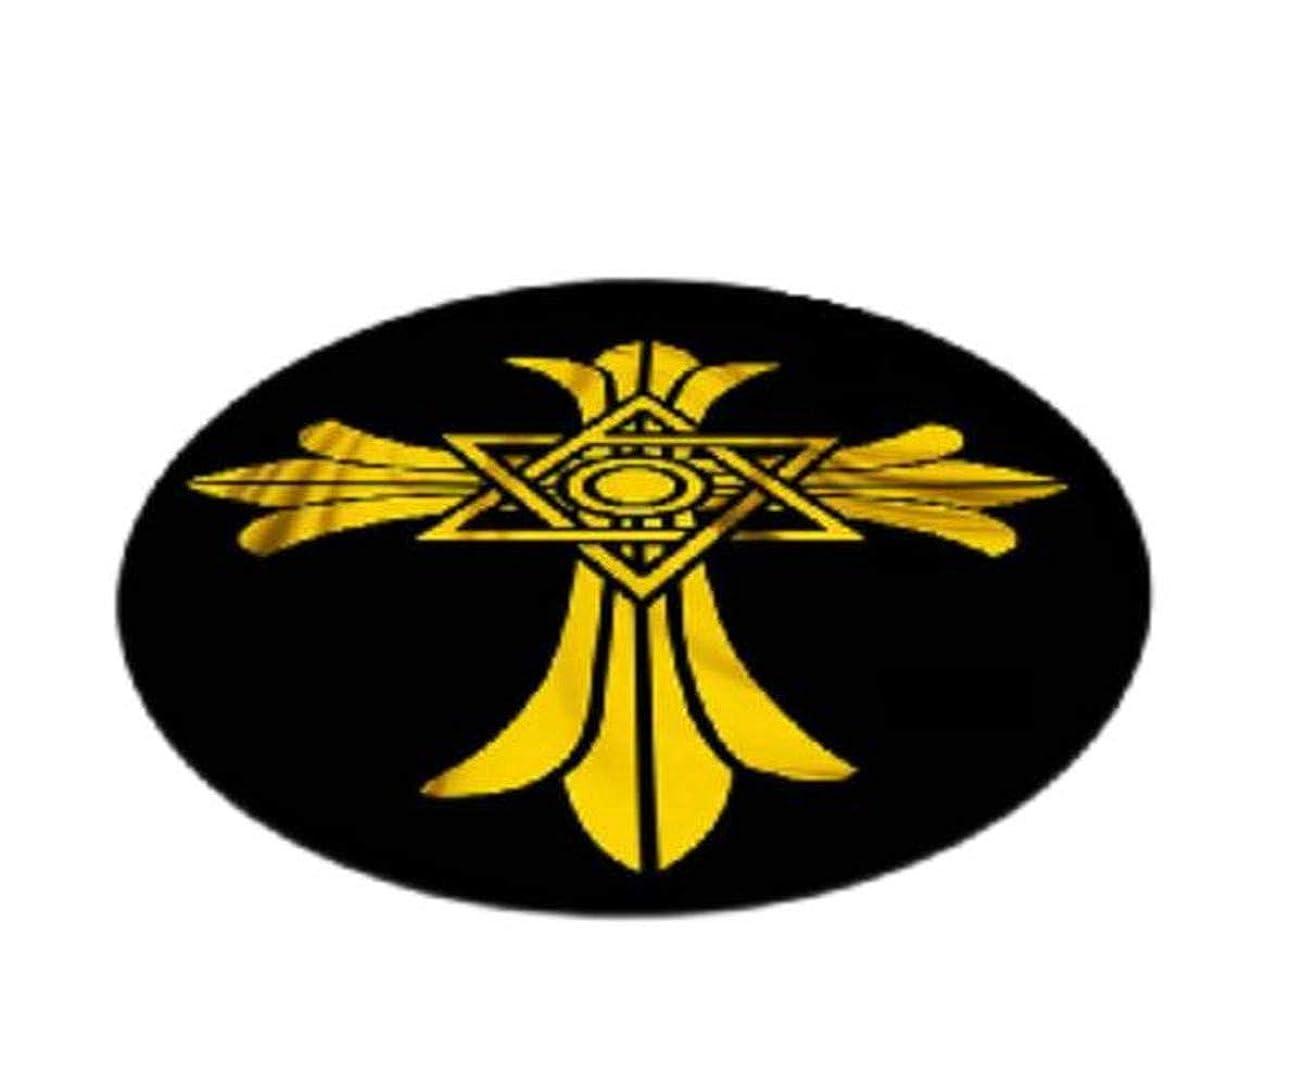 吸うカーフベル【MarieAnge】 インテリア マット ラグ カーペット 十字 クロムハーツ柄 絨毯 円形 No.2SS-495 (140㎝)